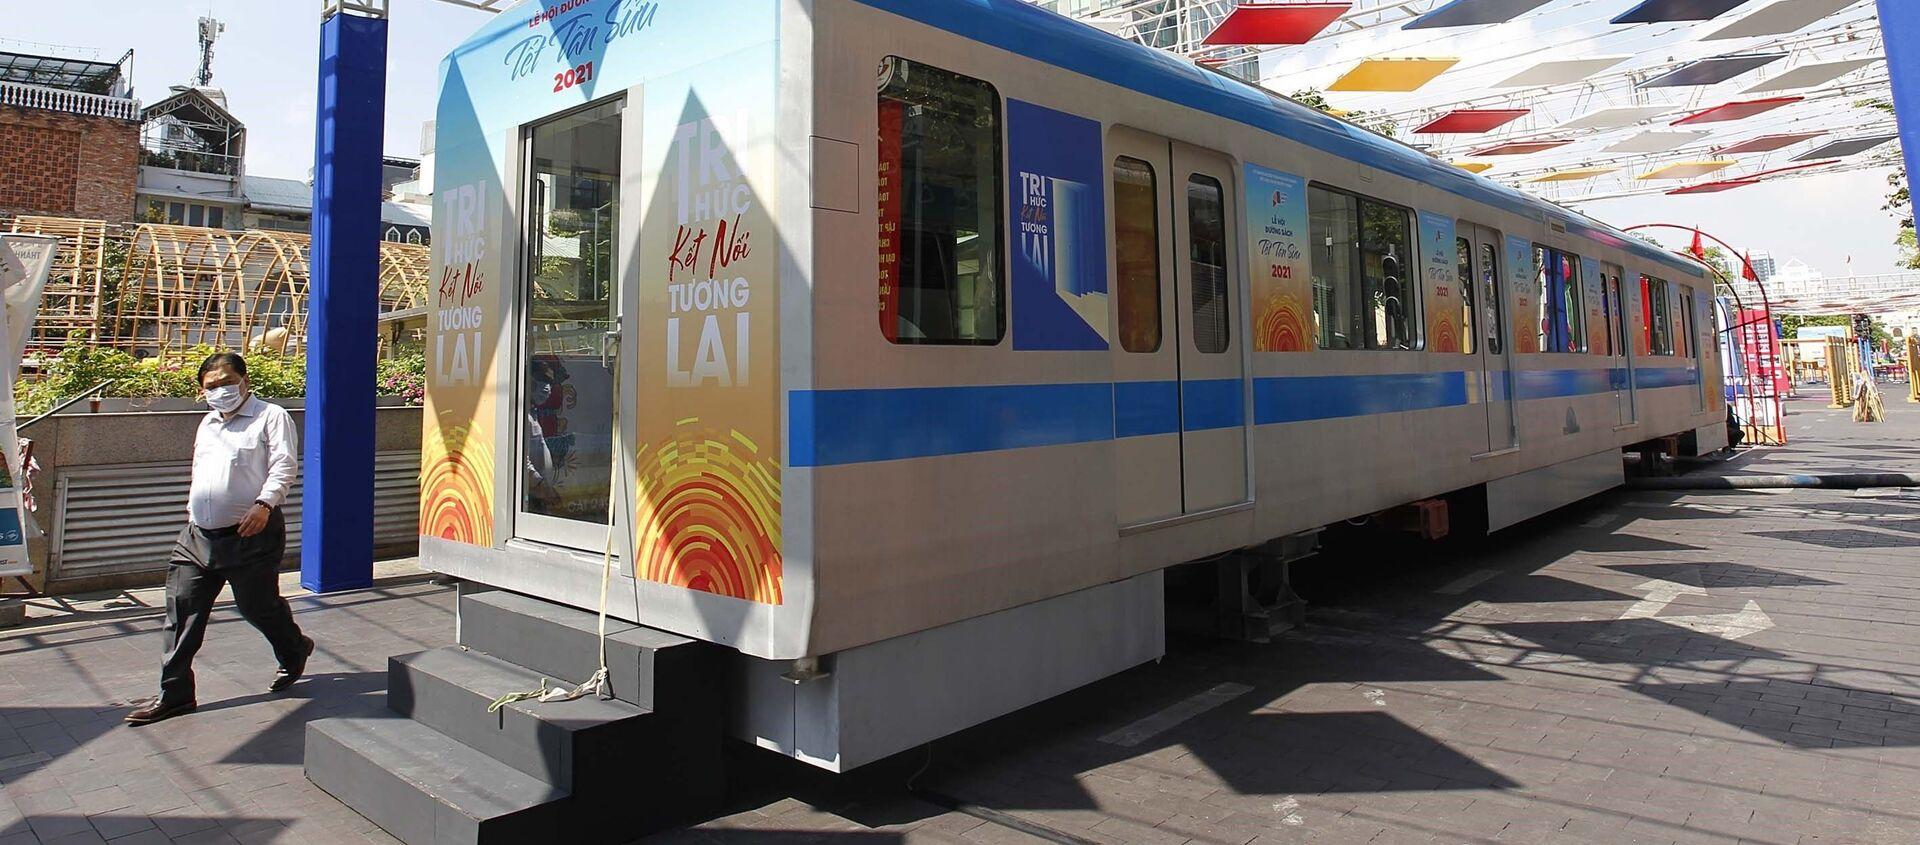 Triển lãm mô hình toa tàu của tuyến đường sắt đô thị Thành phố Hồ Chí Minh – tuyến Metro số 1 Bến Thành - Suối Tiên trên tuyến đường Nguyễn Huệ, Quận 1. - Sputnik Việt Nam, 1920, 22.02.2021